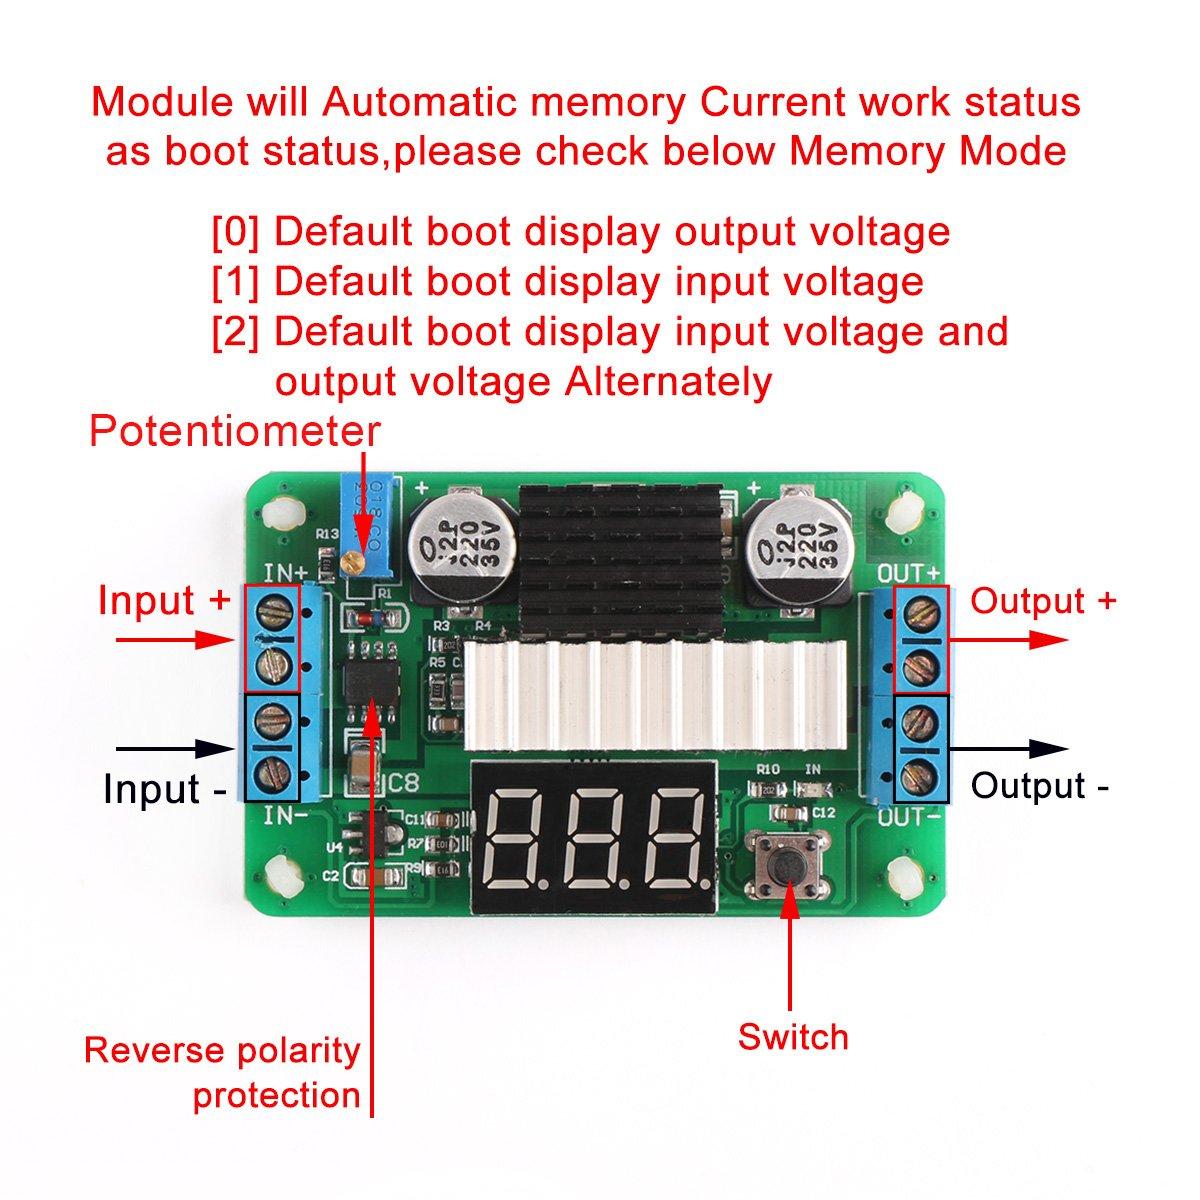 Drok Ltc1871 35v 30v Dc Boost Converter Power Voltagecontrolledcurrentsink Addaconvertercircuit Circuit Transformer Voltage Regulator 5v 12v Step Up Volt Module Supply Board For Car Auto Motor